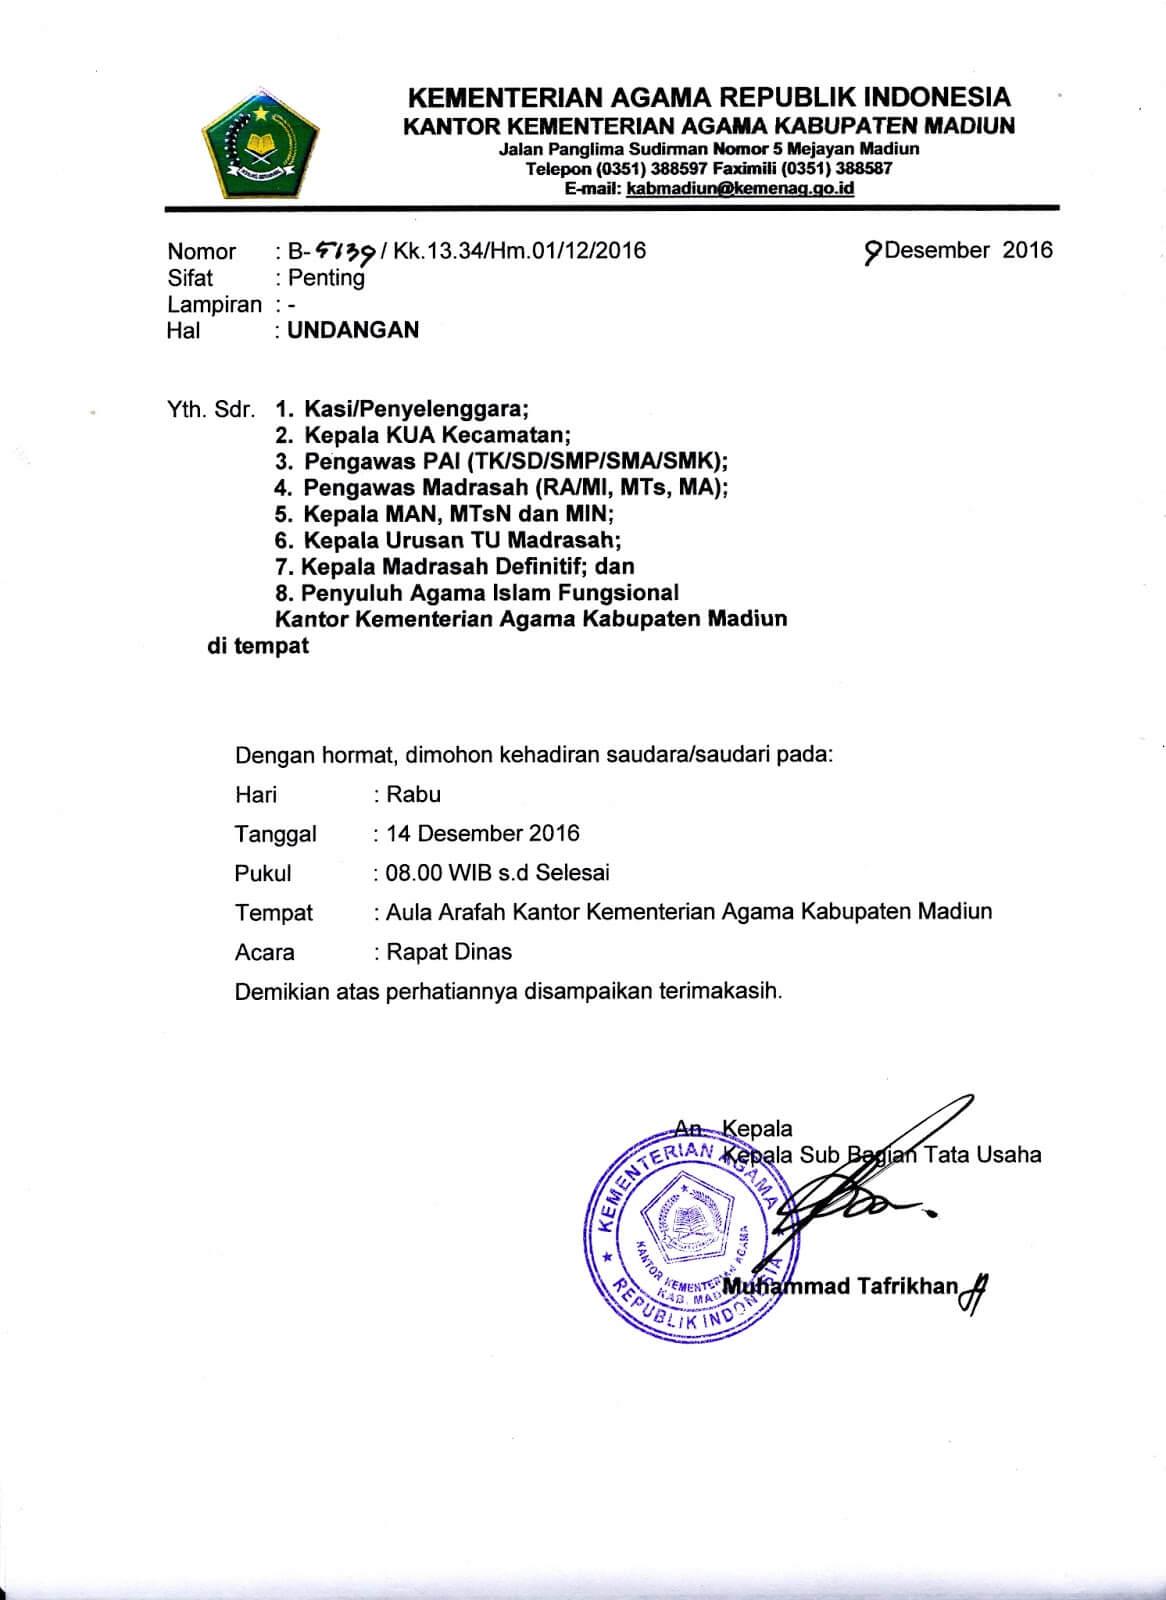 contoh surat undangan rapat dinas